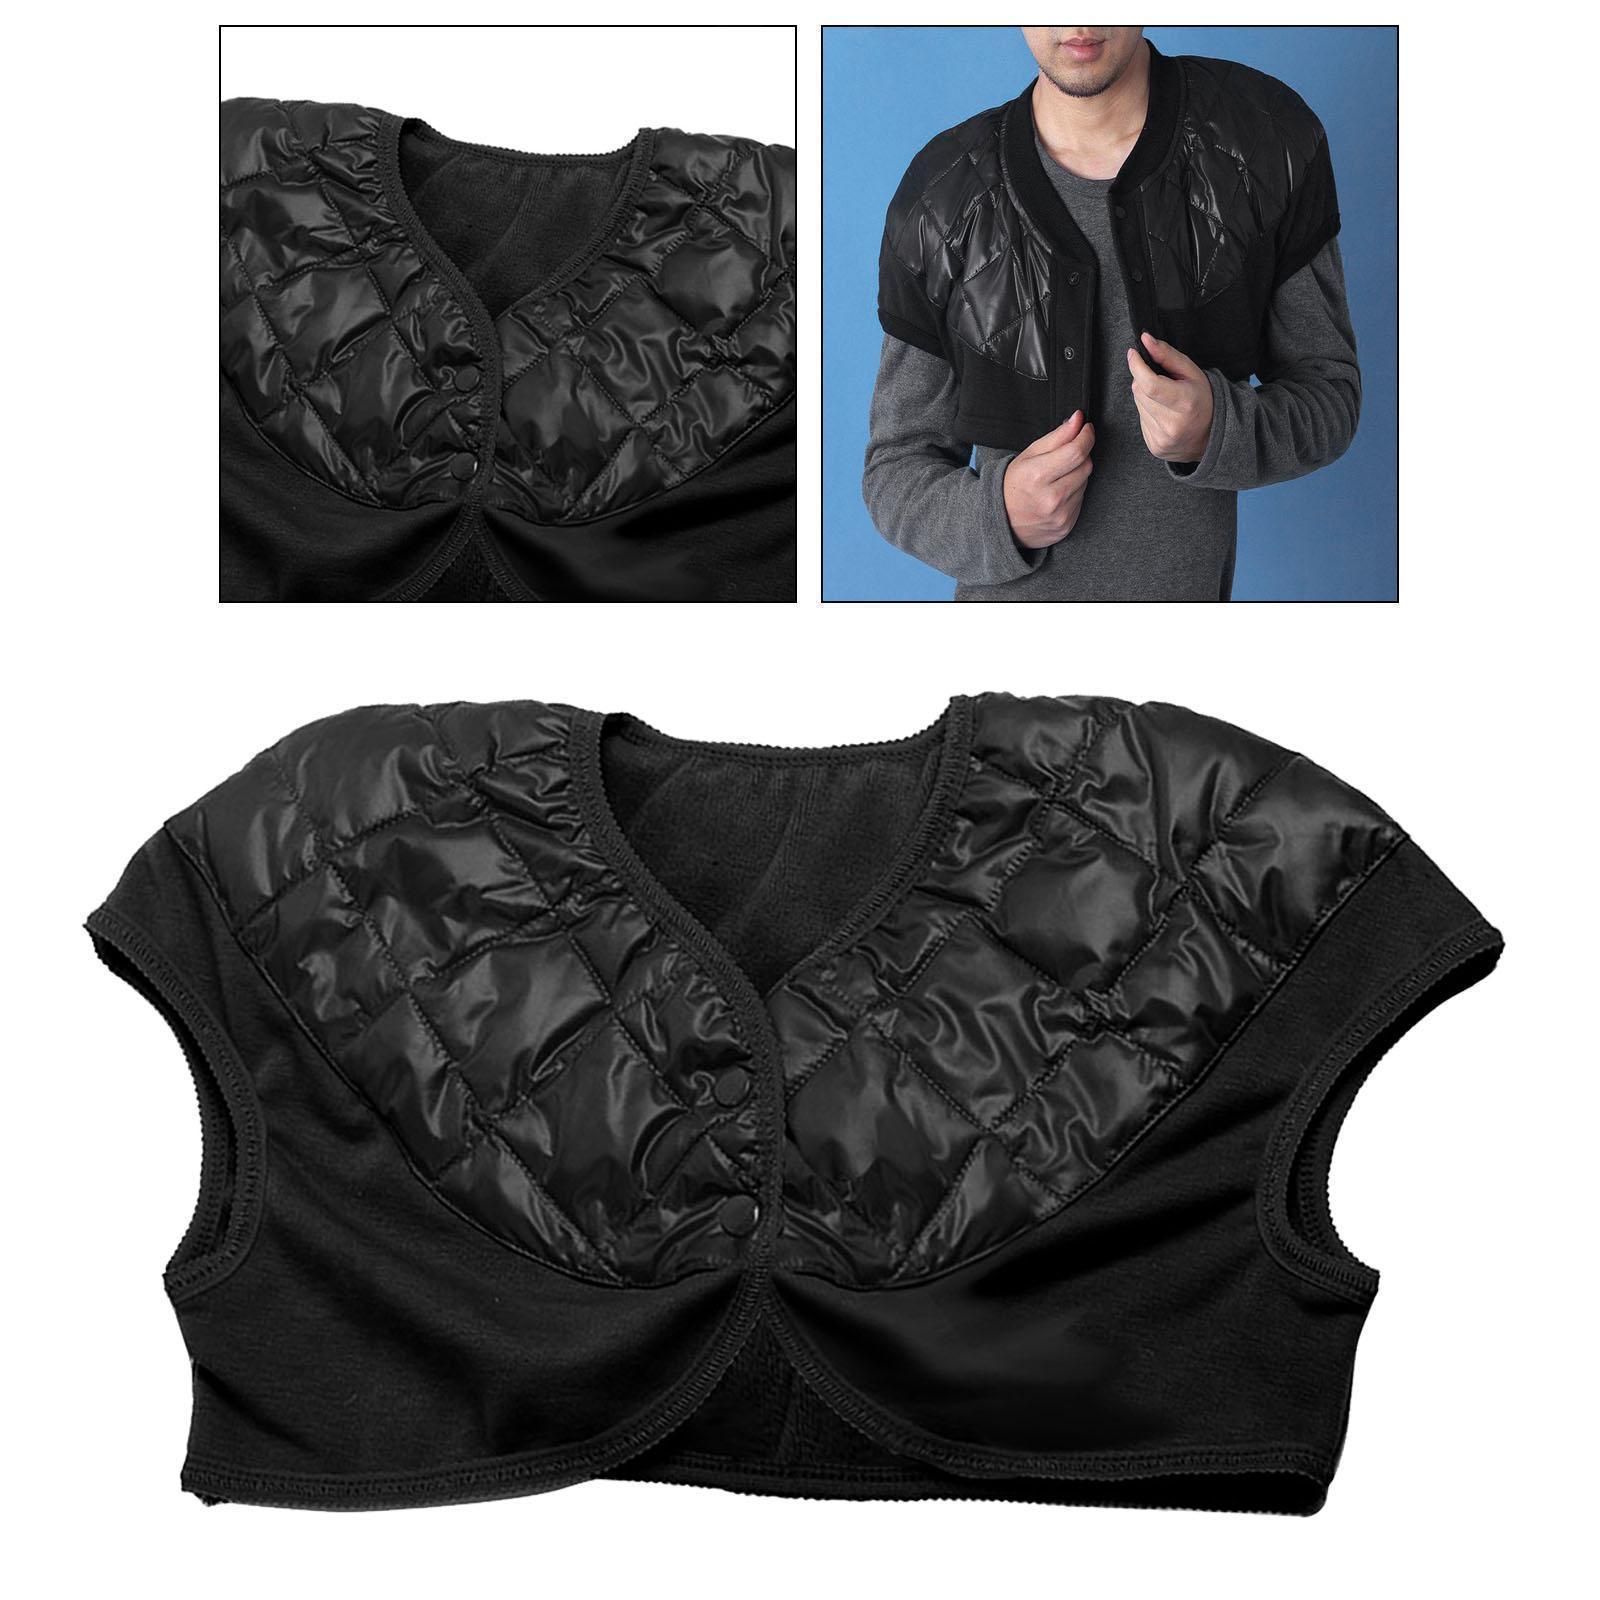 Femmes-Hommes-Down-Jacket-Chaud-Manteau-Court-Epaule-Chaud-Thermique-Wrap miniatura 20